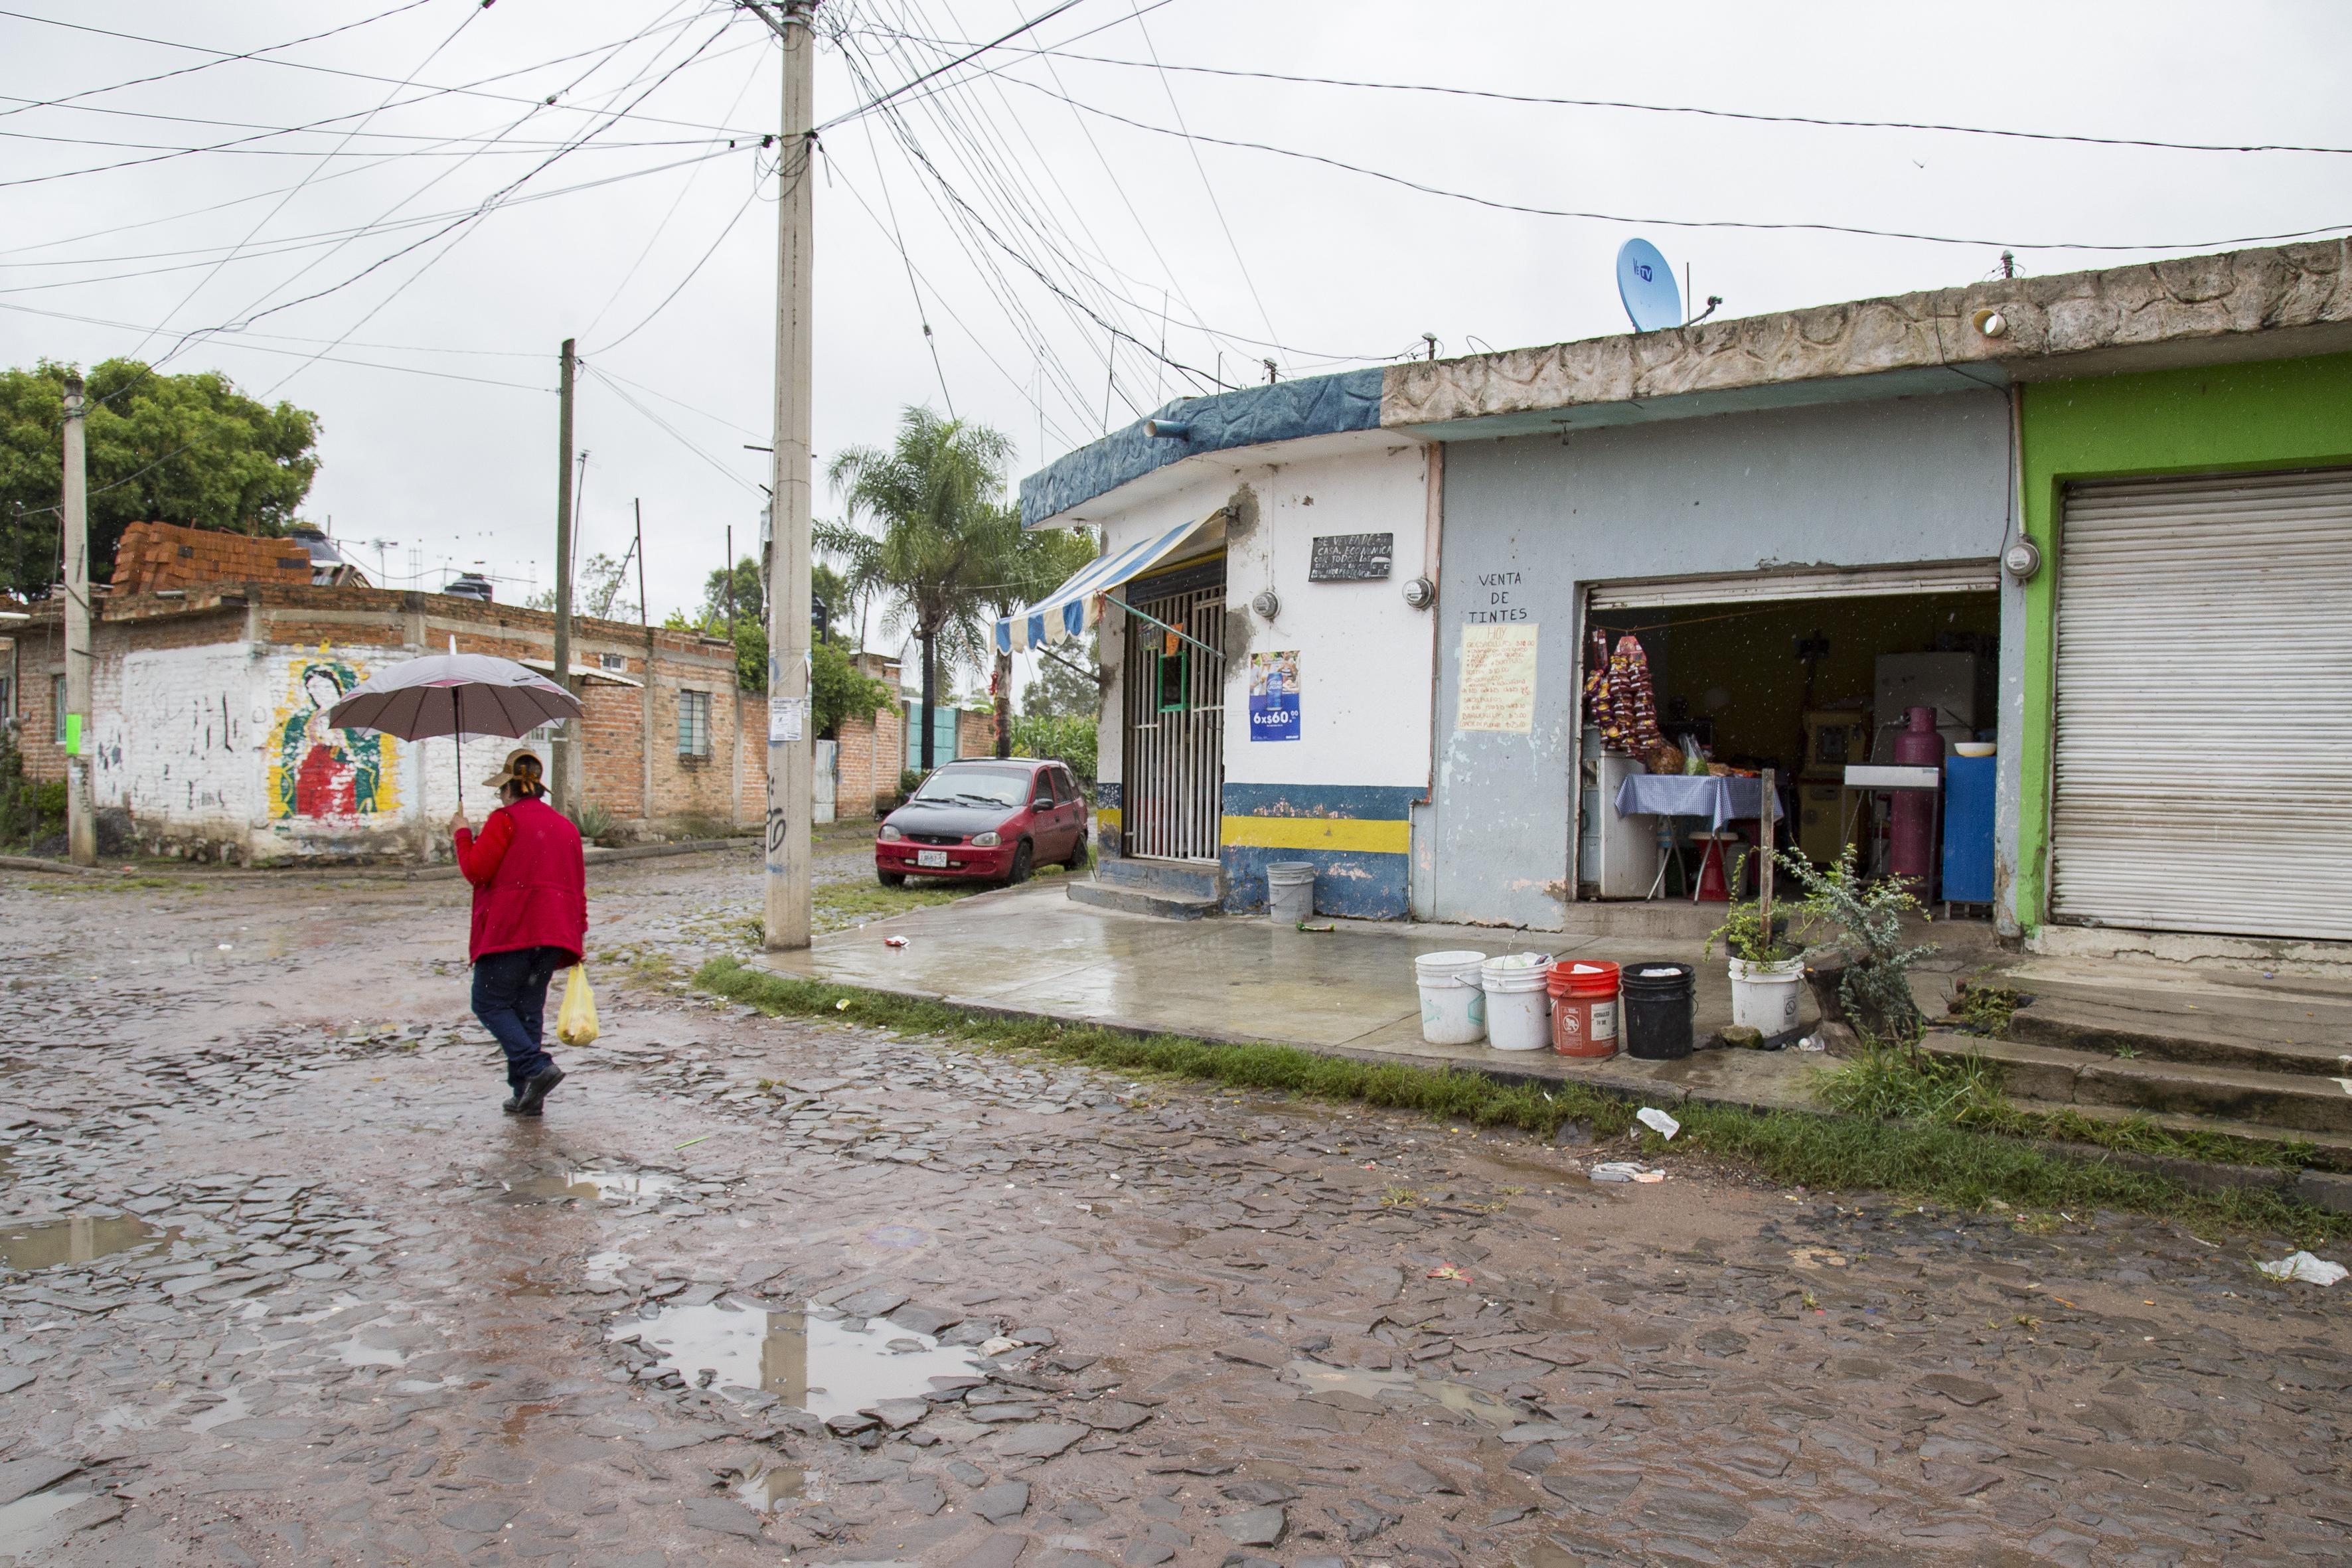 Señora caminando bajo la lluvia en una colonia de El Salto